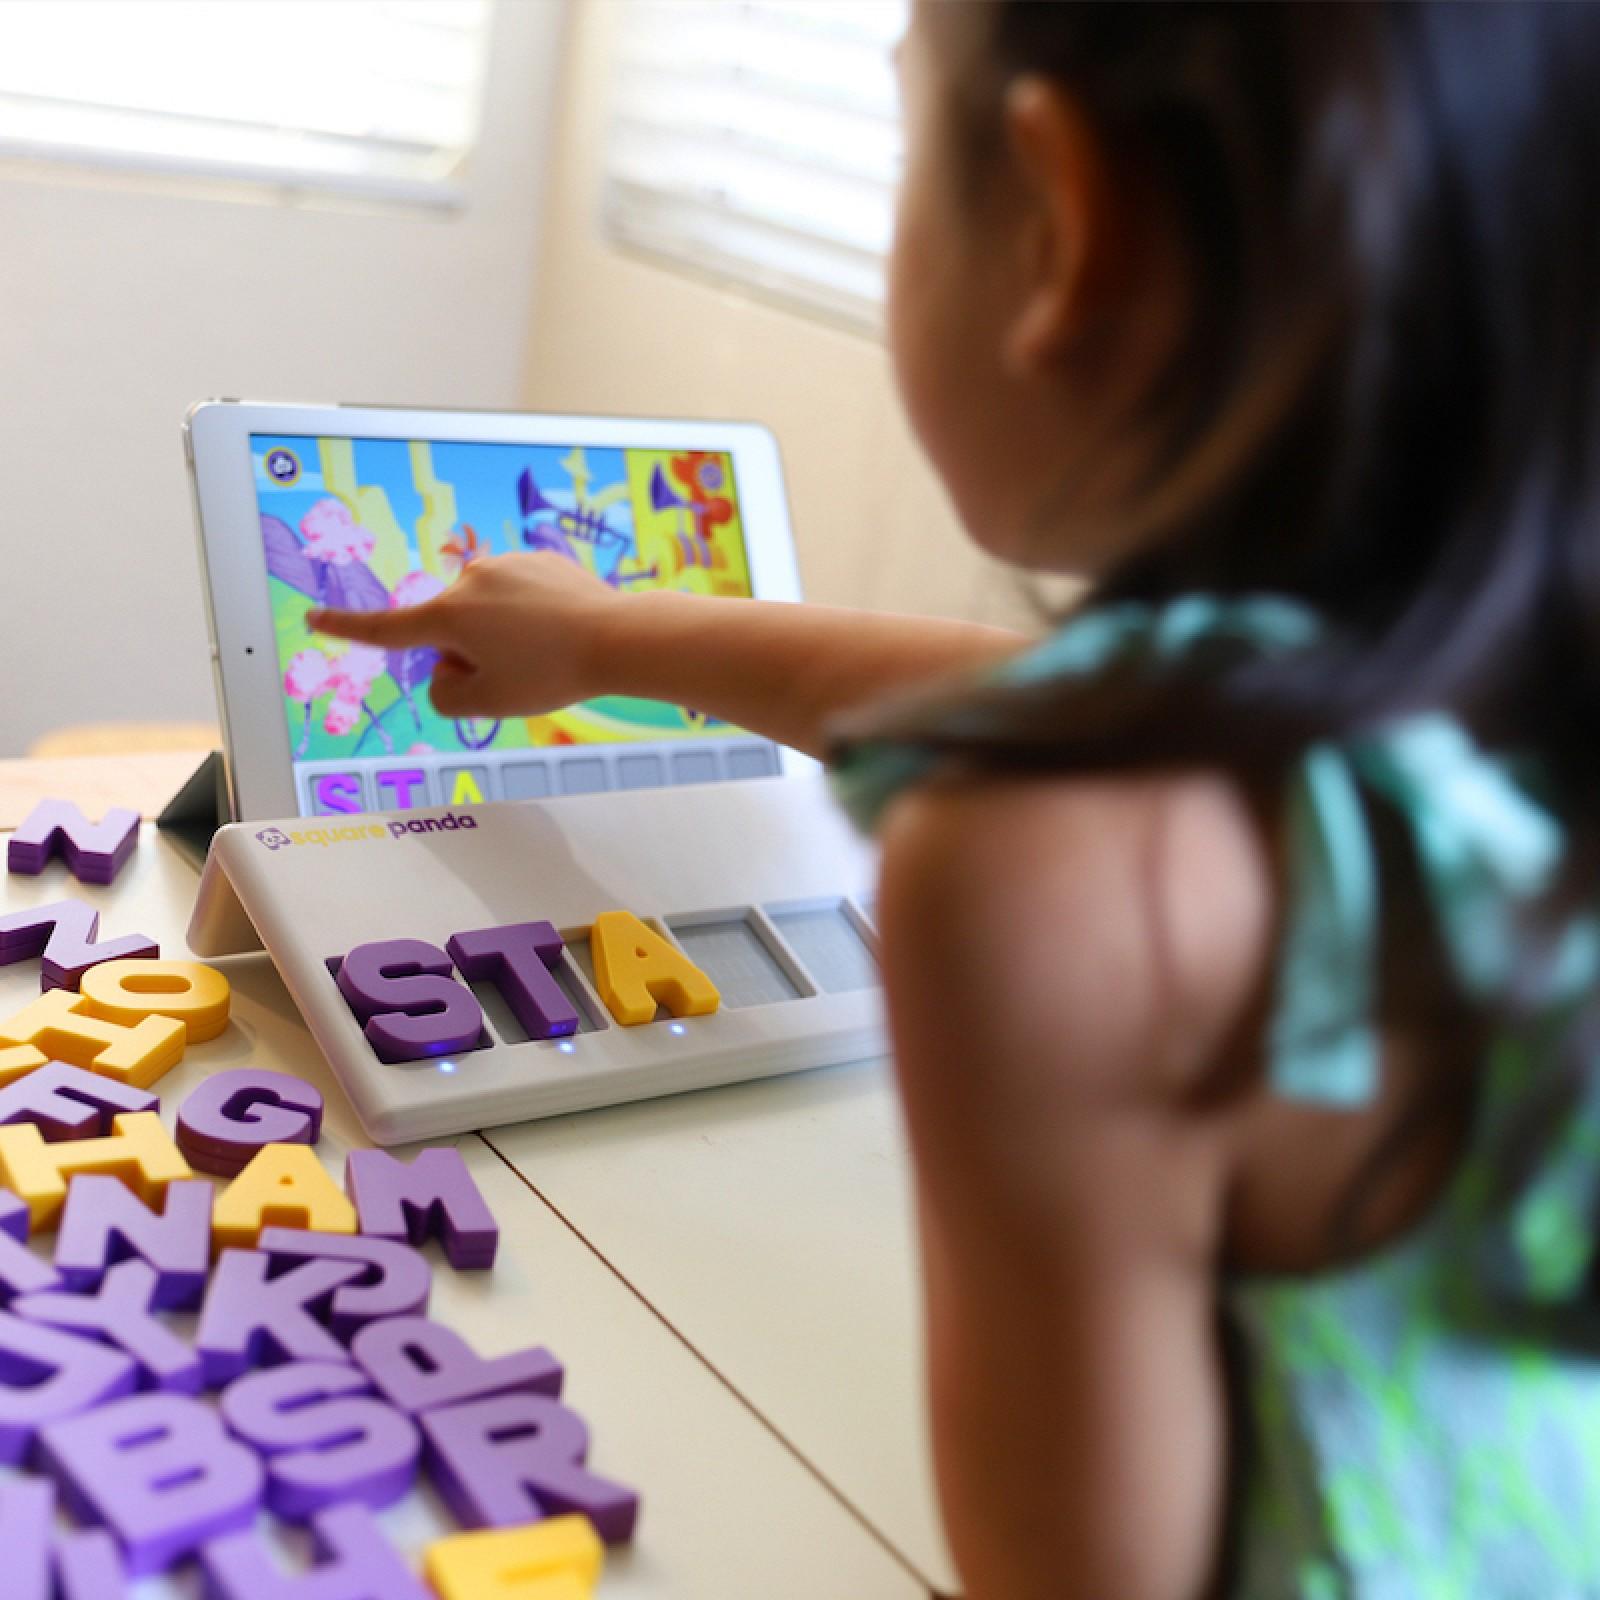 Apple comenzará a vender el sistema de aprendizaje Phonics de Square Panda para iPad